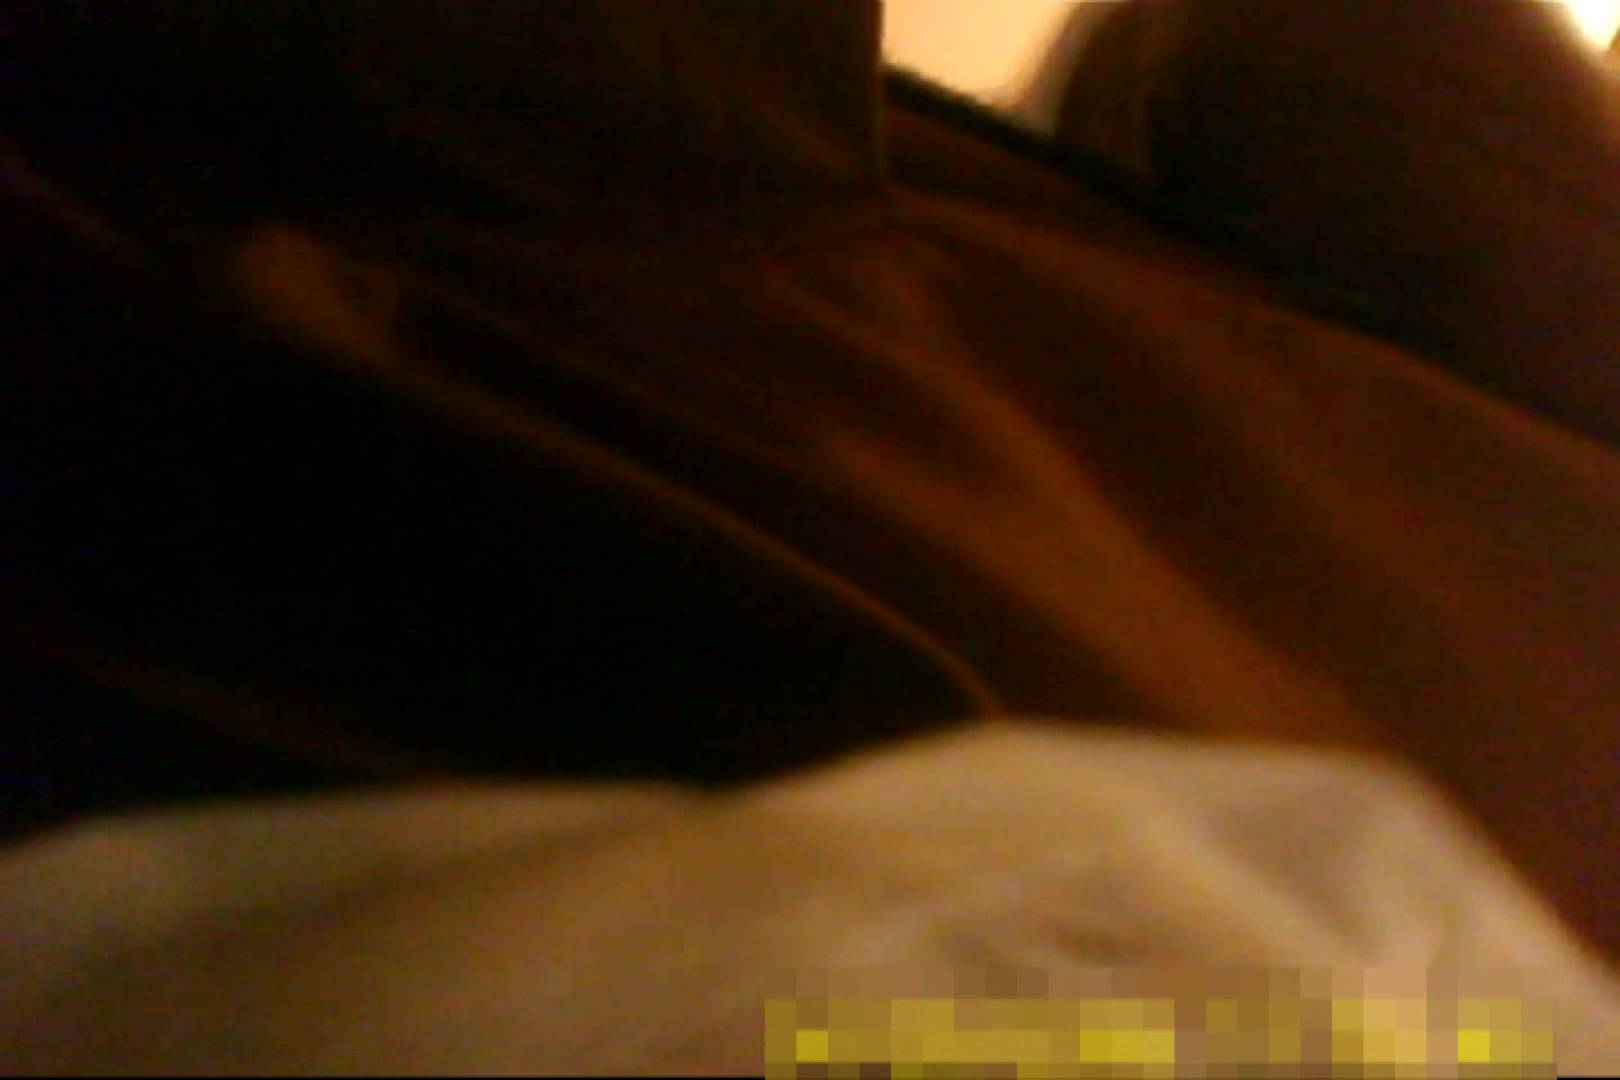 魅惑の化粧室~禁断のプライベート空間~vol.8 熟女   HなOL  68pic 61